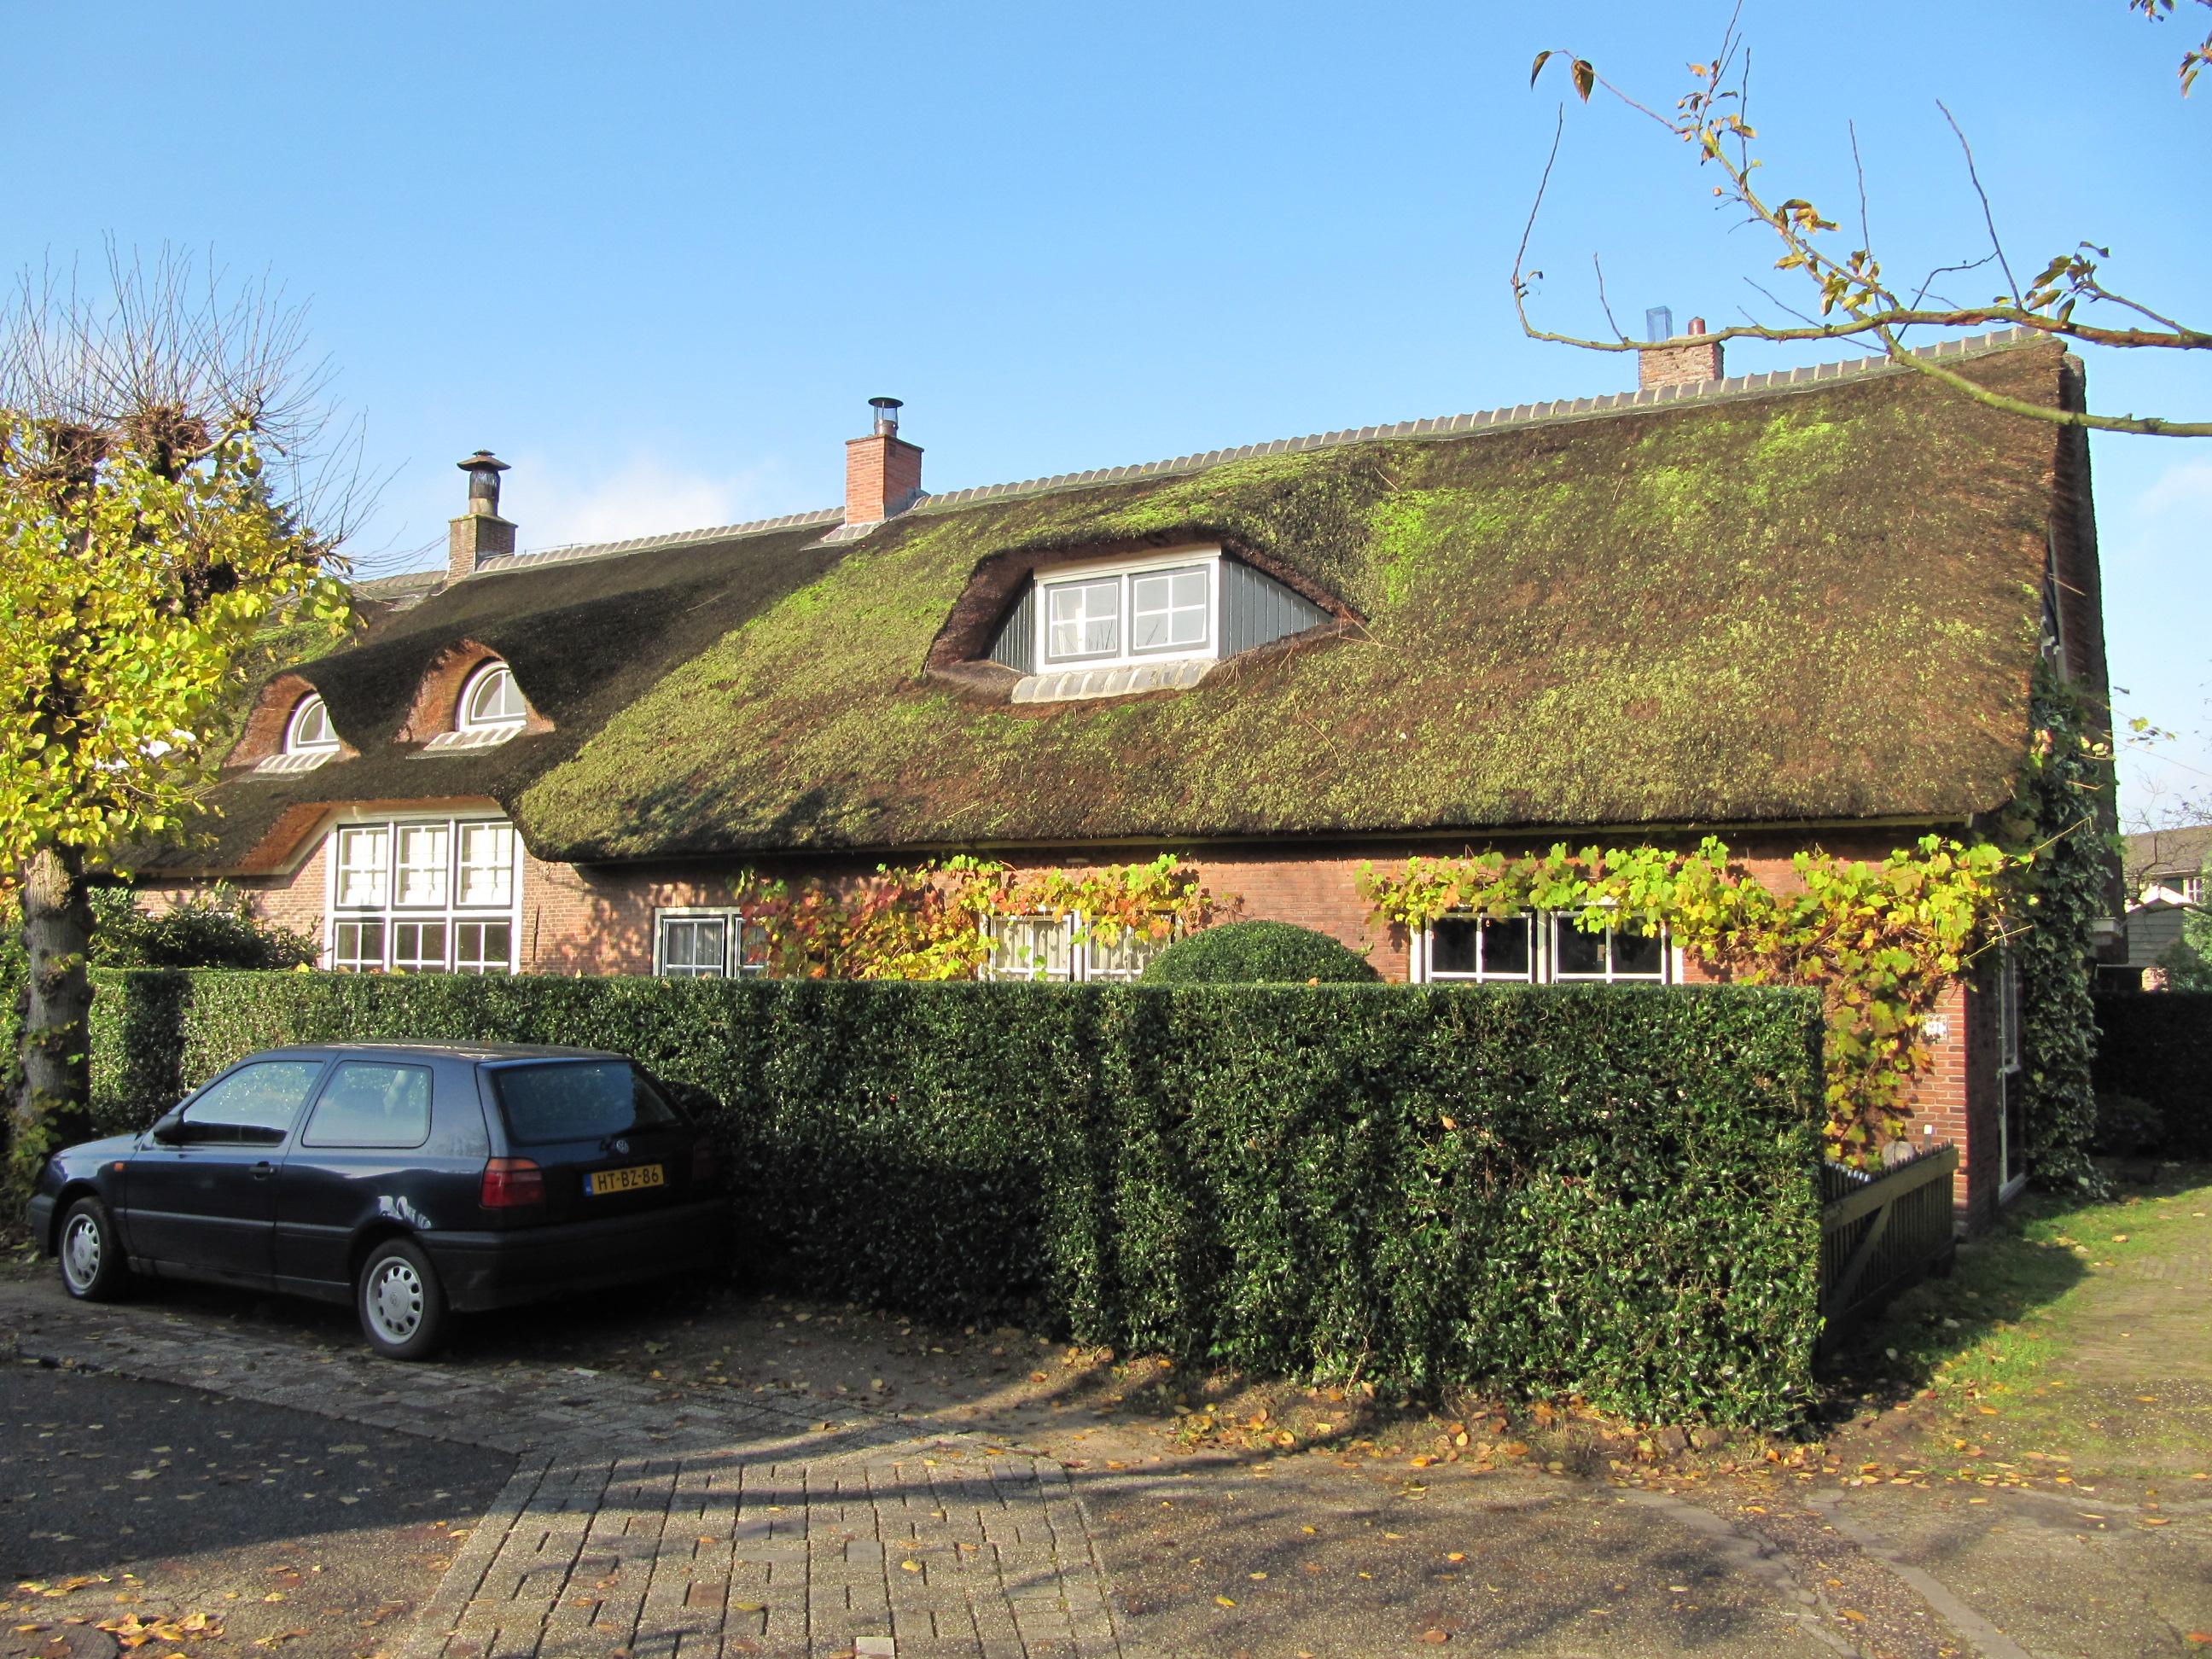 Boerderij langhuis langgerekt huis met topgevel zijbaander in laren monument - Fotos van eigentijds huis ...